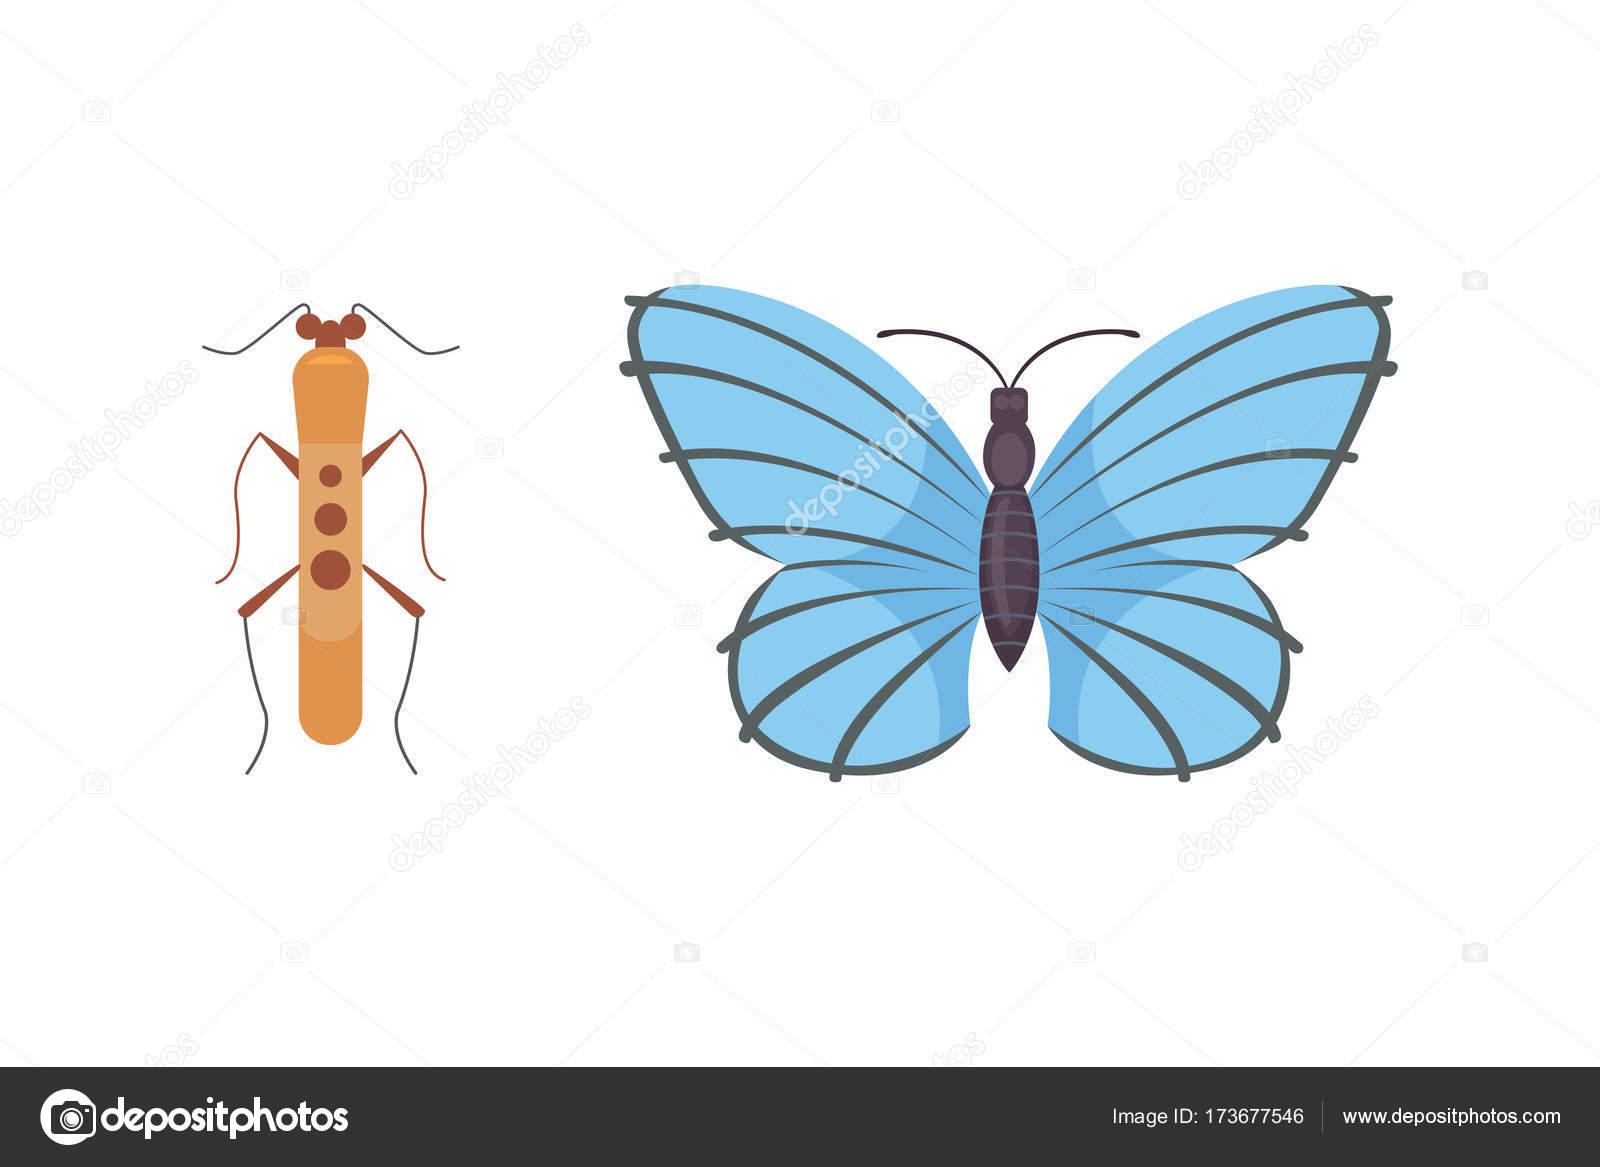 Dibujos Infantiles De Mariposas Y Libelulas Conjunto De